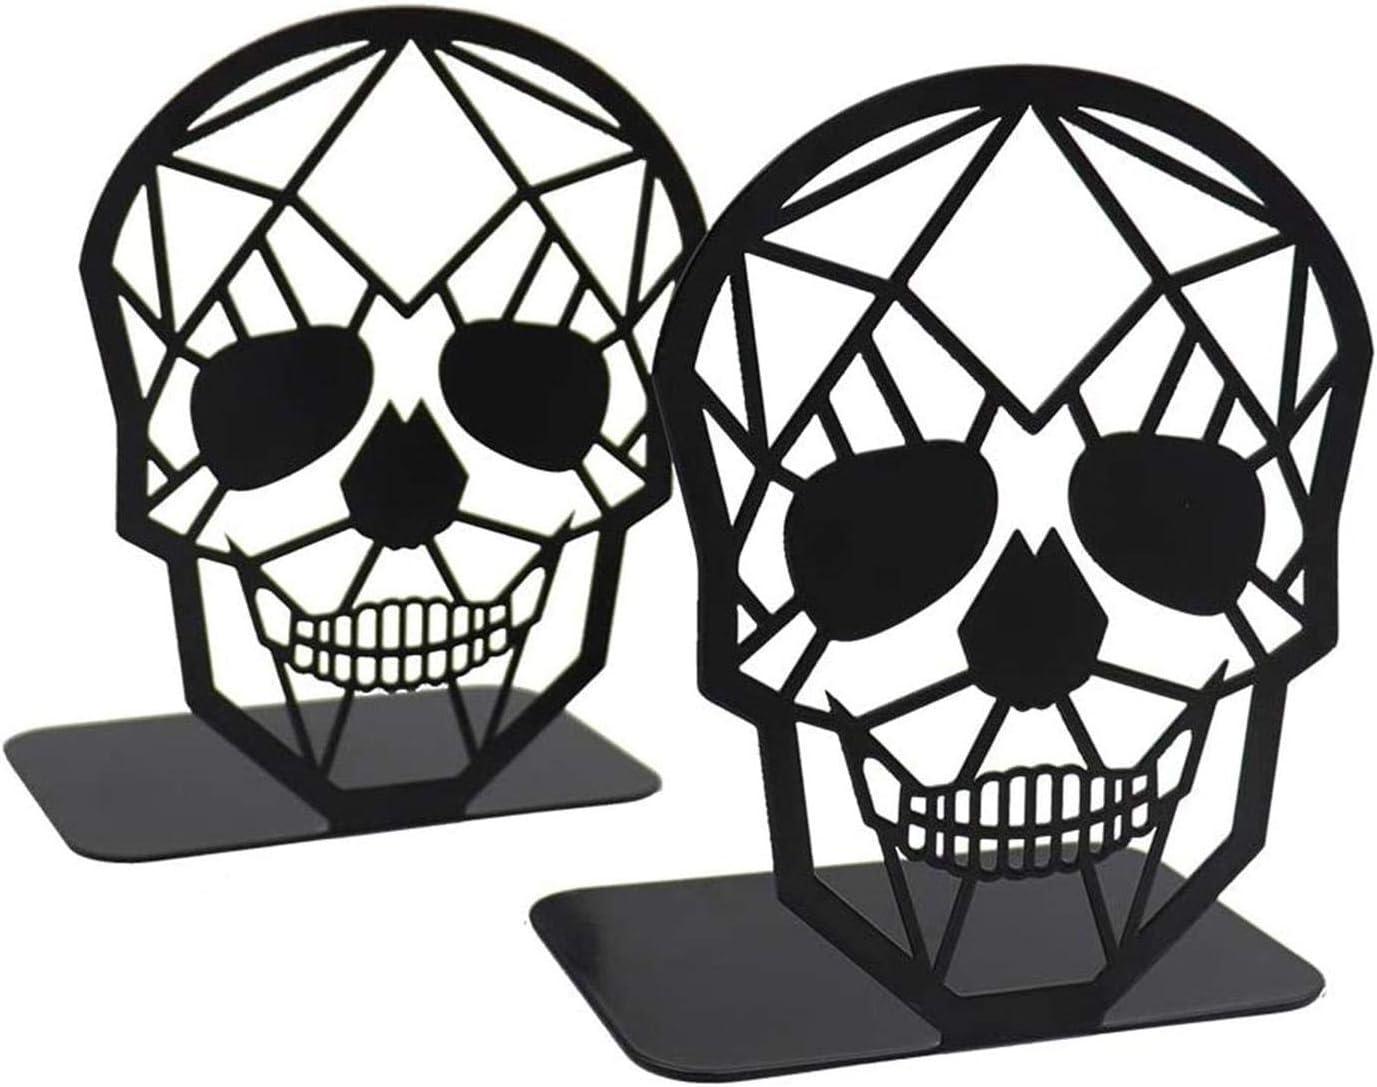 supporti fermalibri decorativi scheletrati Fermalibri supporto per mensola per casa e ufficio fermalibri in metallo nero 1 paio nero